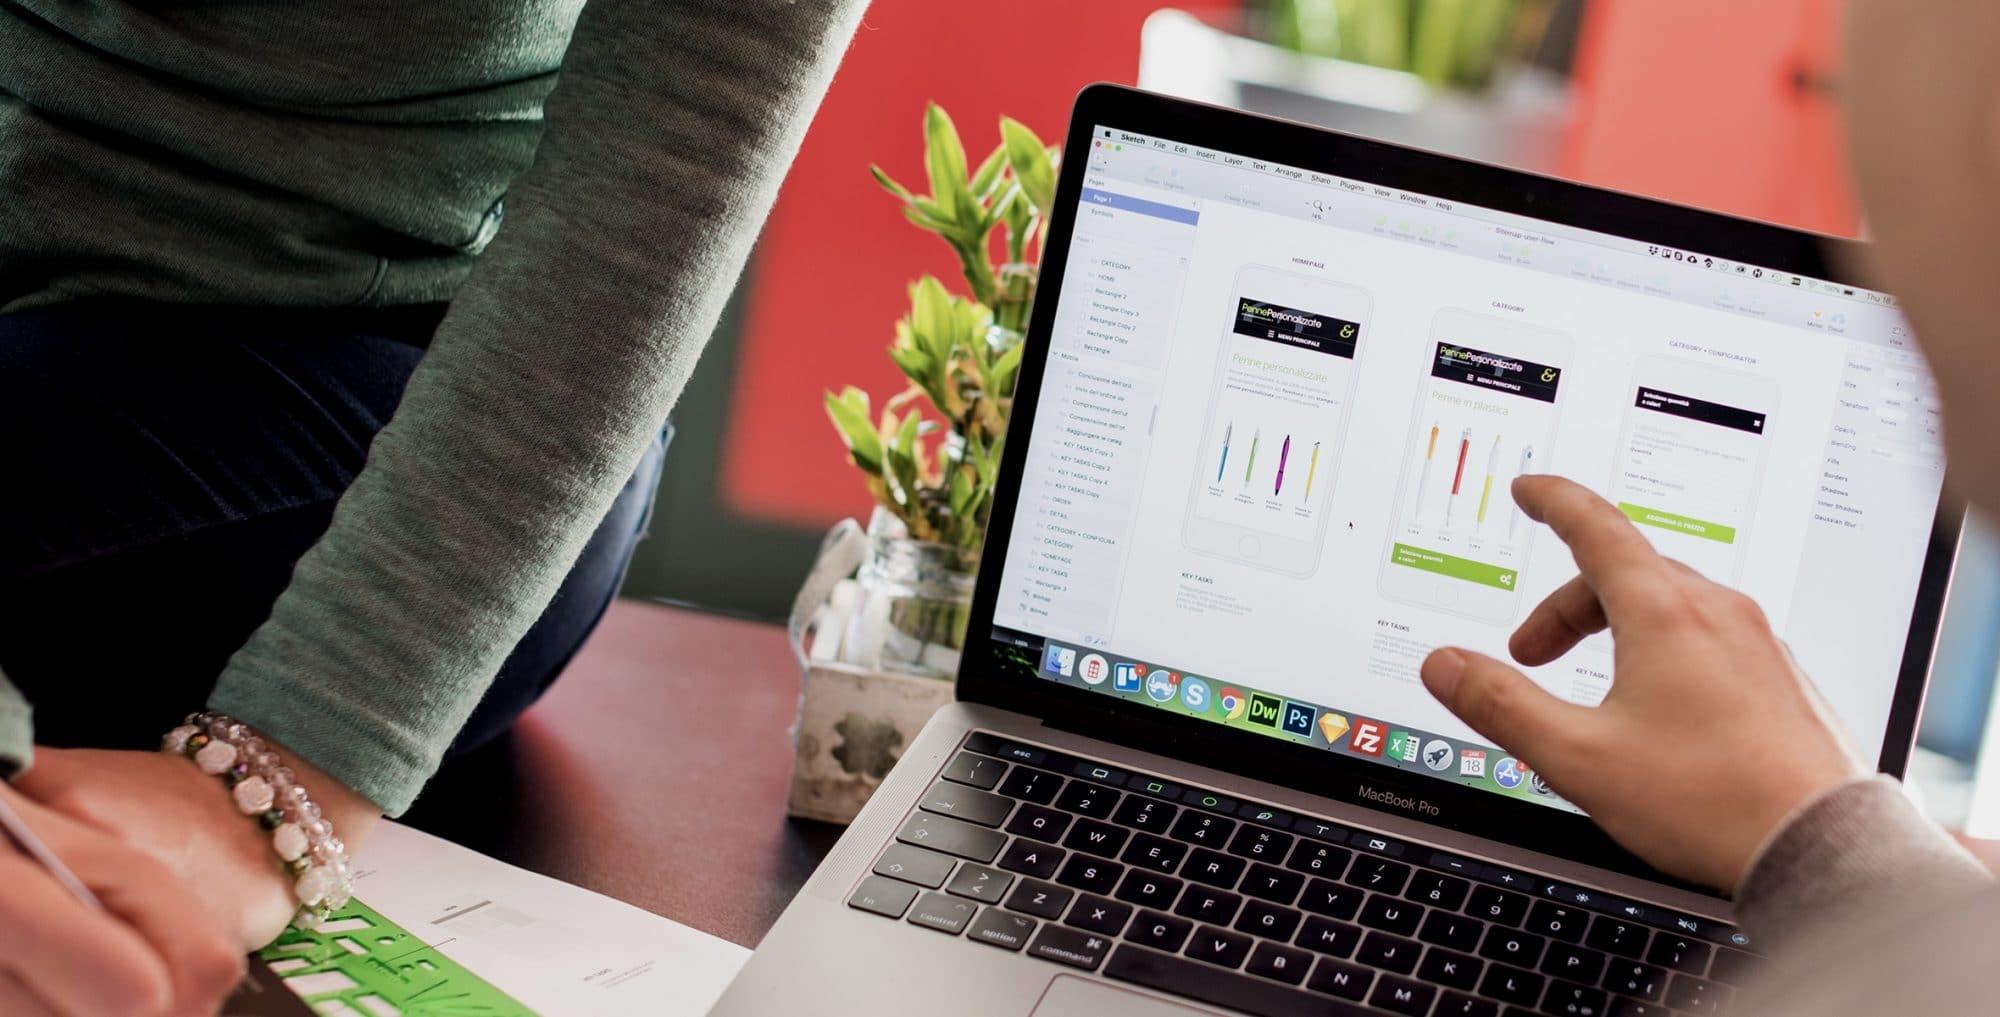 Confronto su sviluppo sito web e notebook